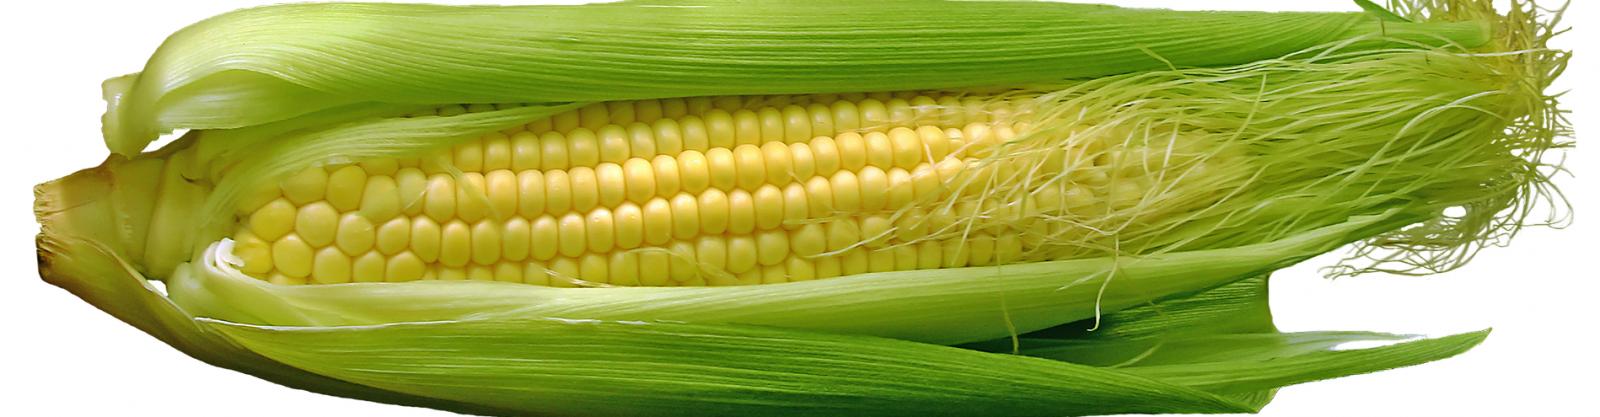 Darmklachten in het buitenland door High Fructose Corn Syrup